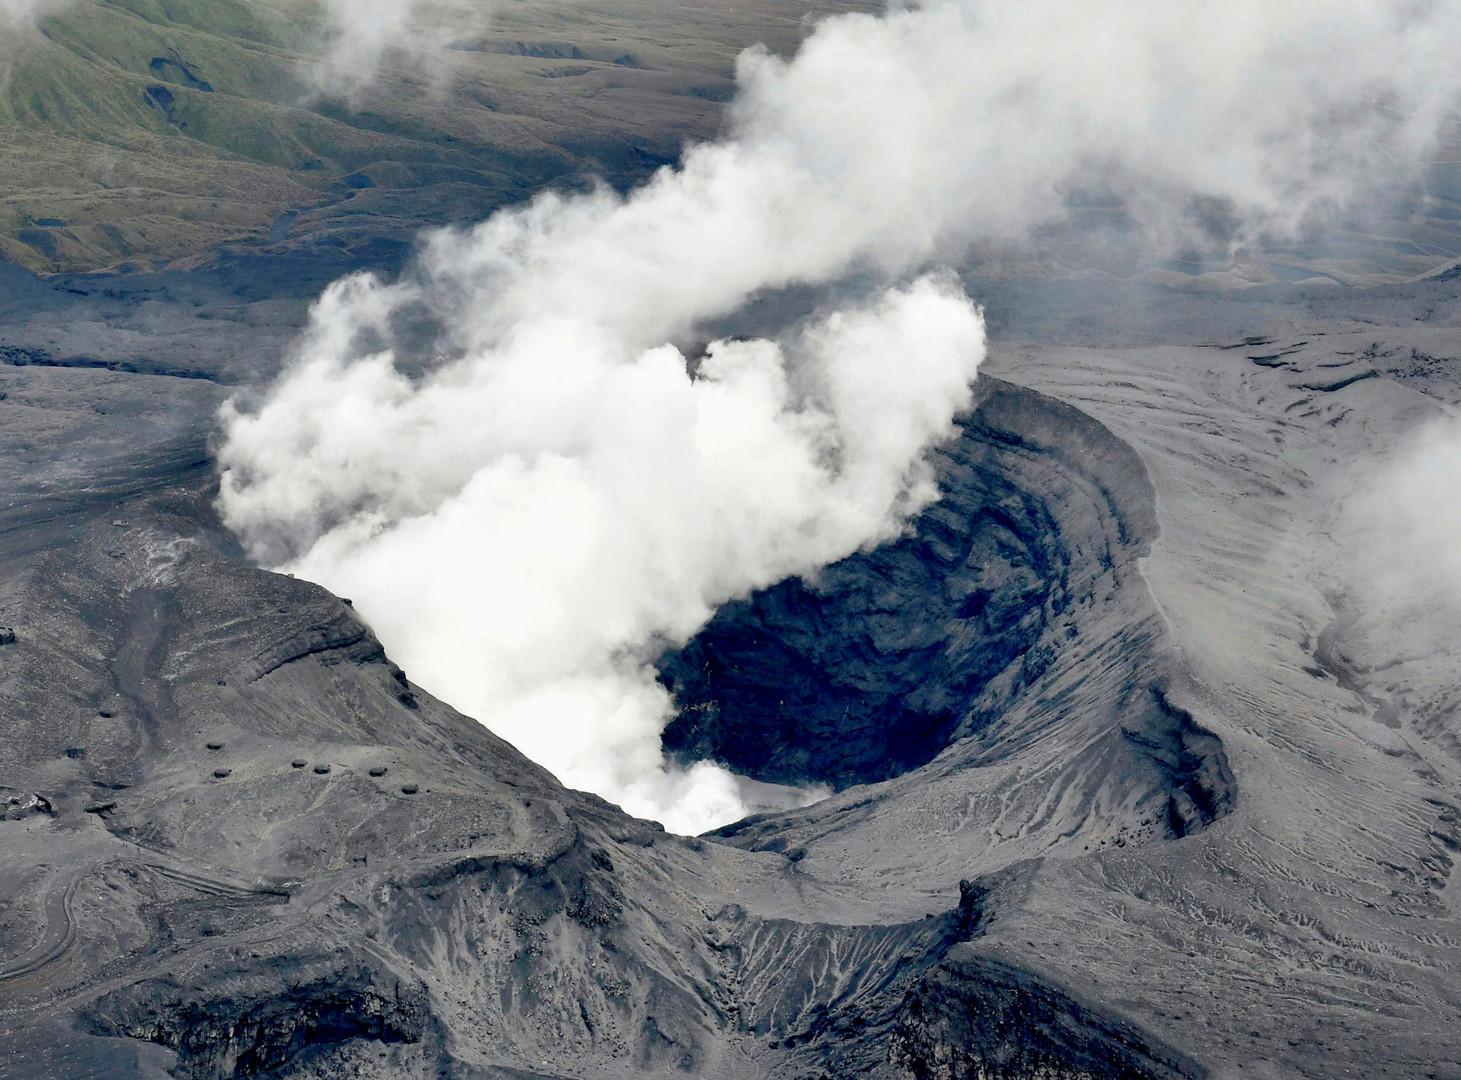 Извержения вулкана Асо в префектуре Кумамомто на юго-западе Японии.